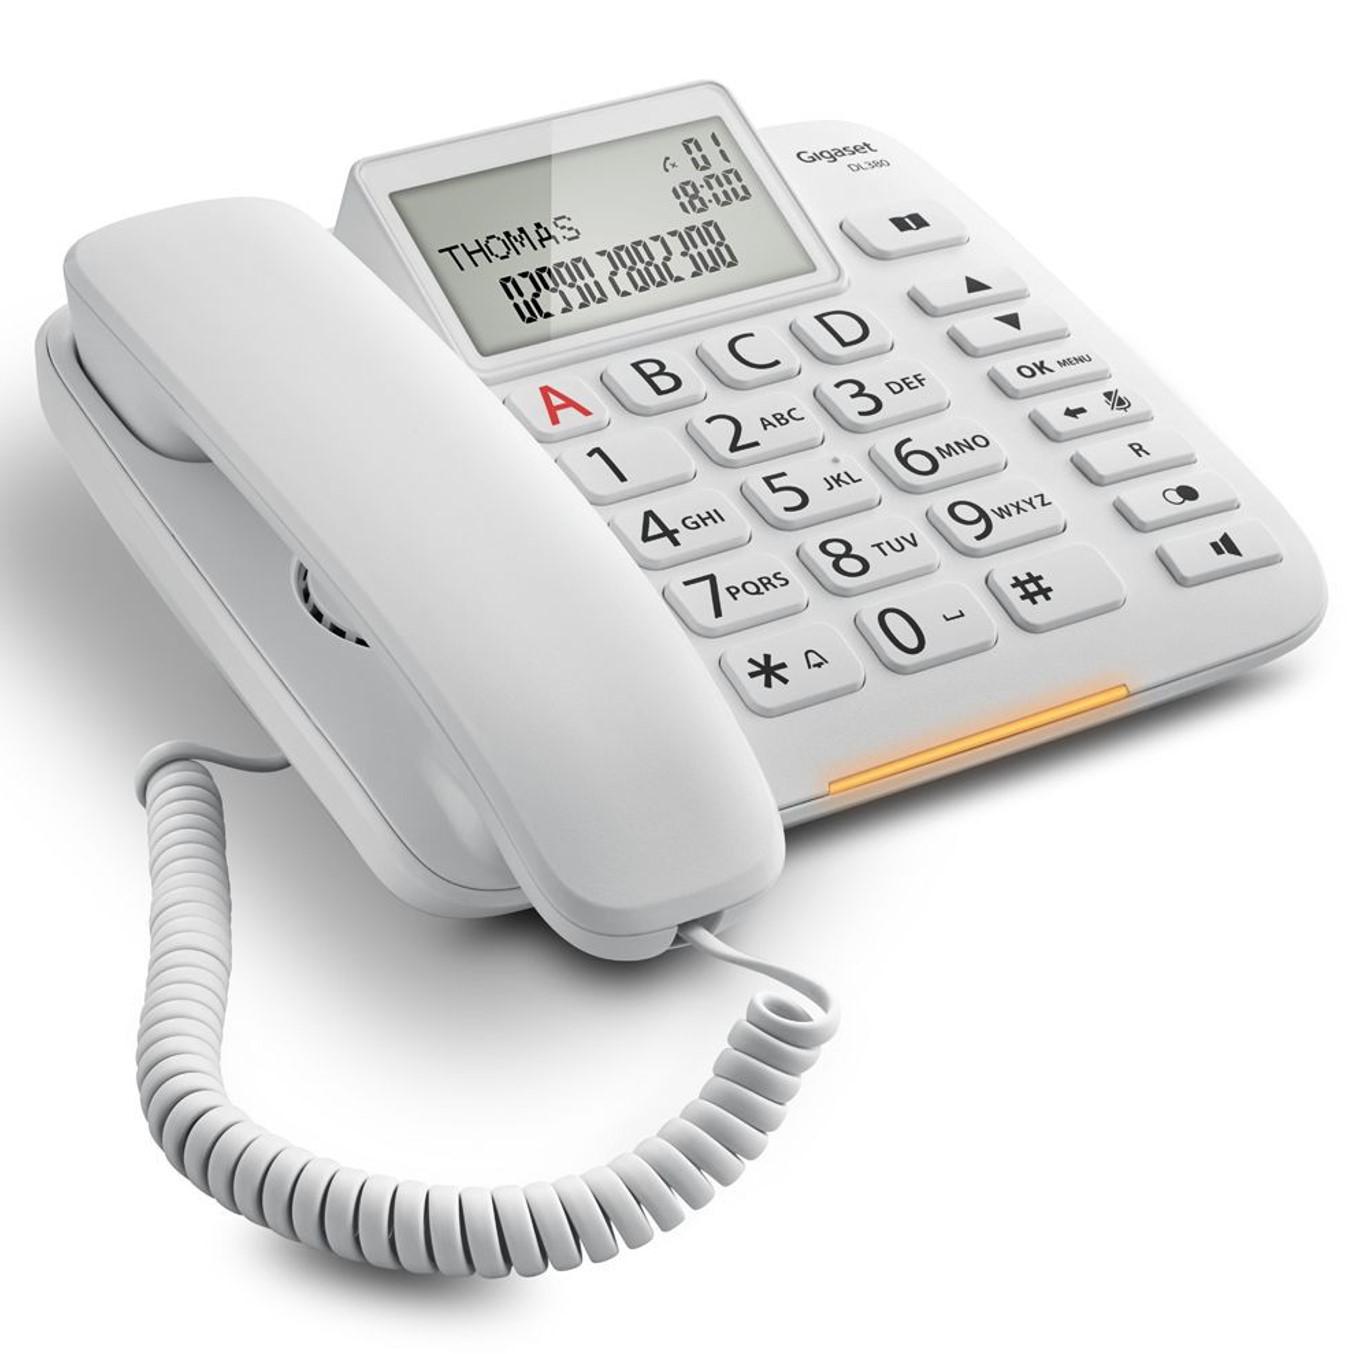 TELEFONO FIJO GIGASET DL380 BLANCO 99 NUMEROS AGENDA/ 10 TONOS